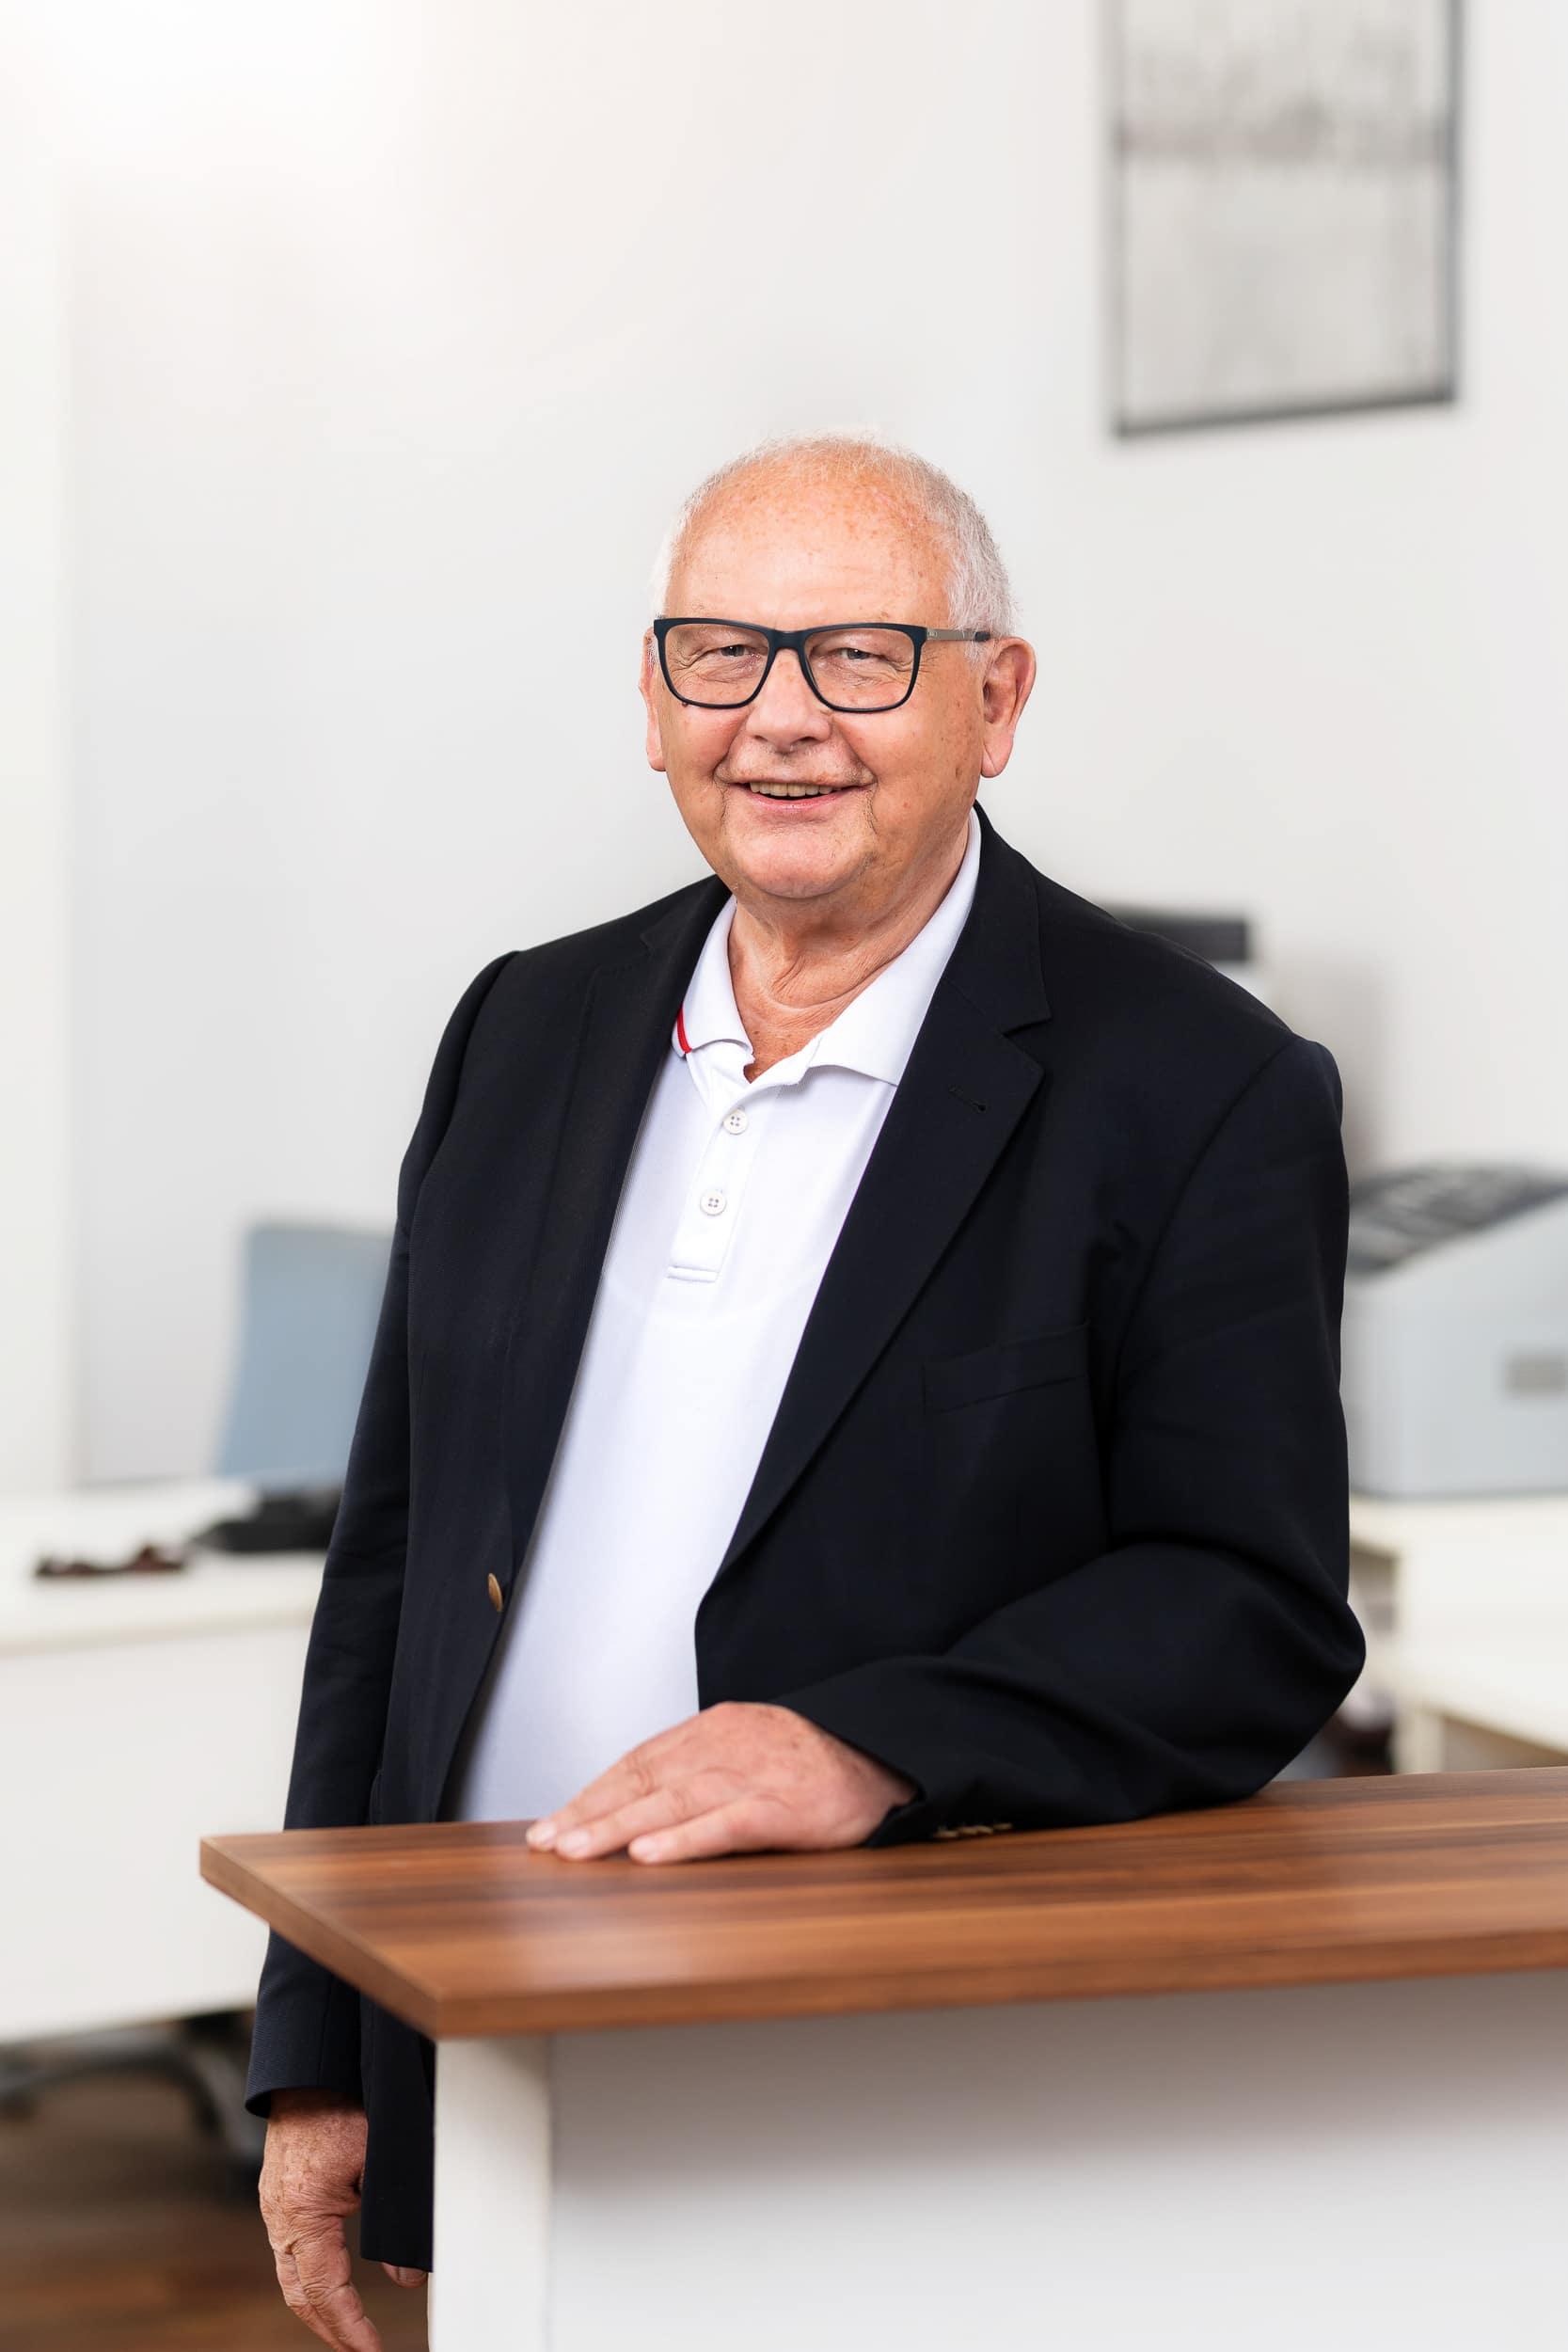 Freundliches Business Portrait des Gründers eines Immobilienunternehmens in Hamburg |Werbefotograf in der Region Osnabrück Münster Bielefeld für Unternehmensfotografie